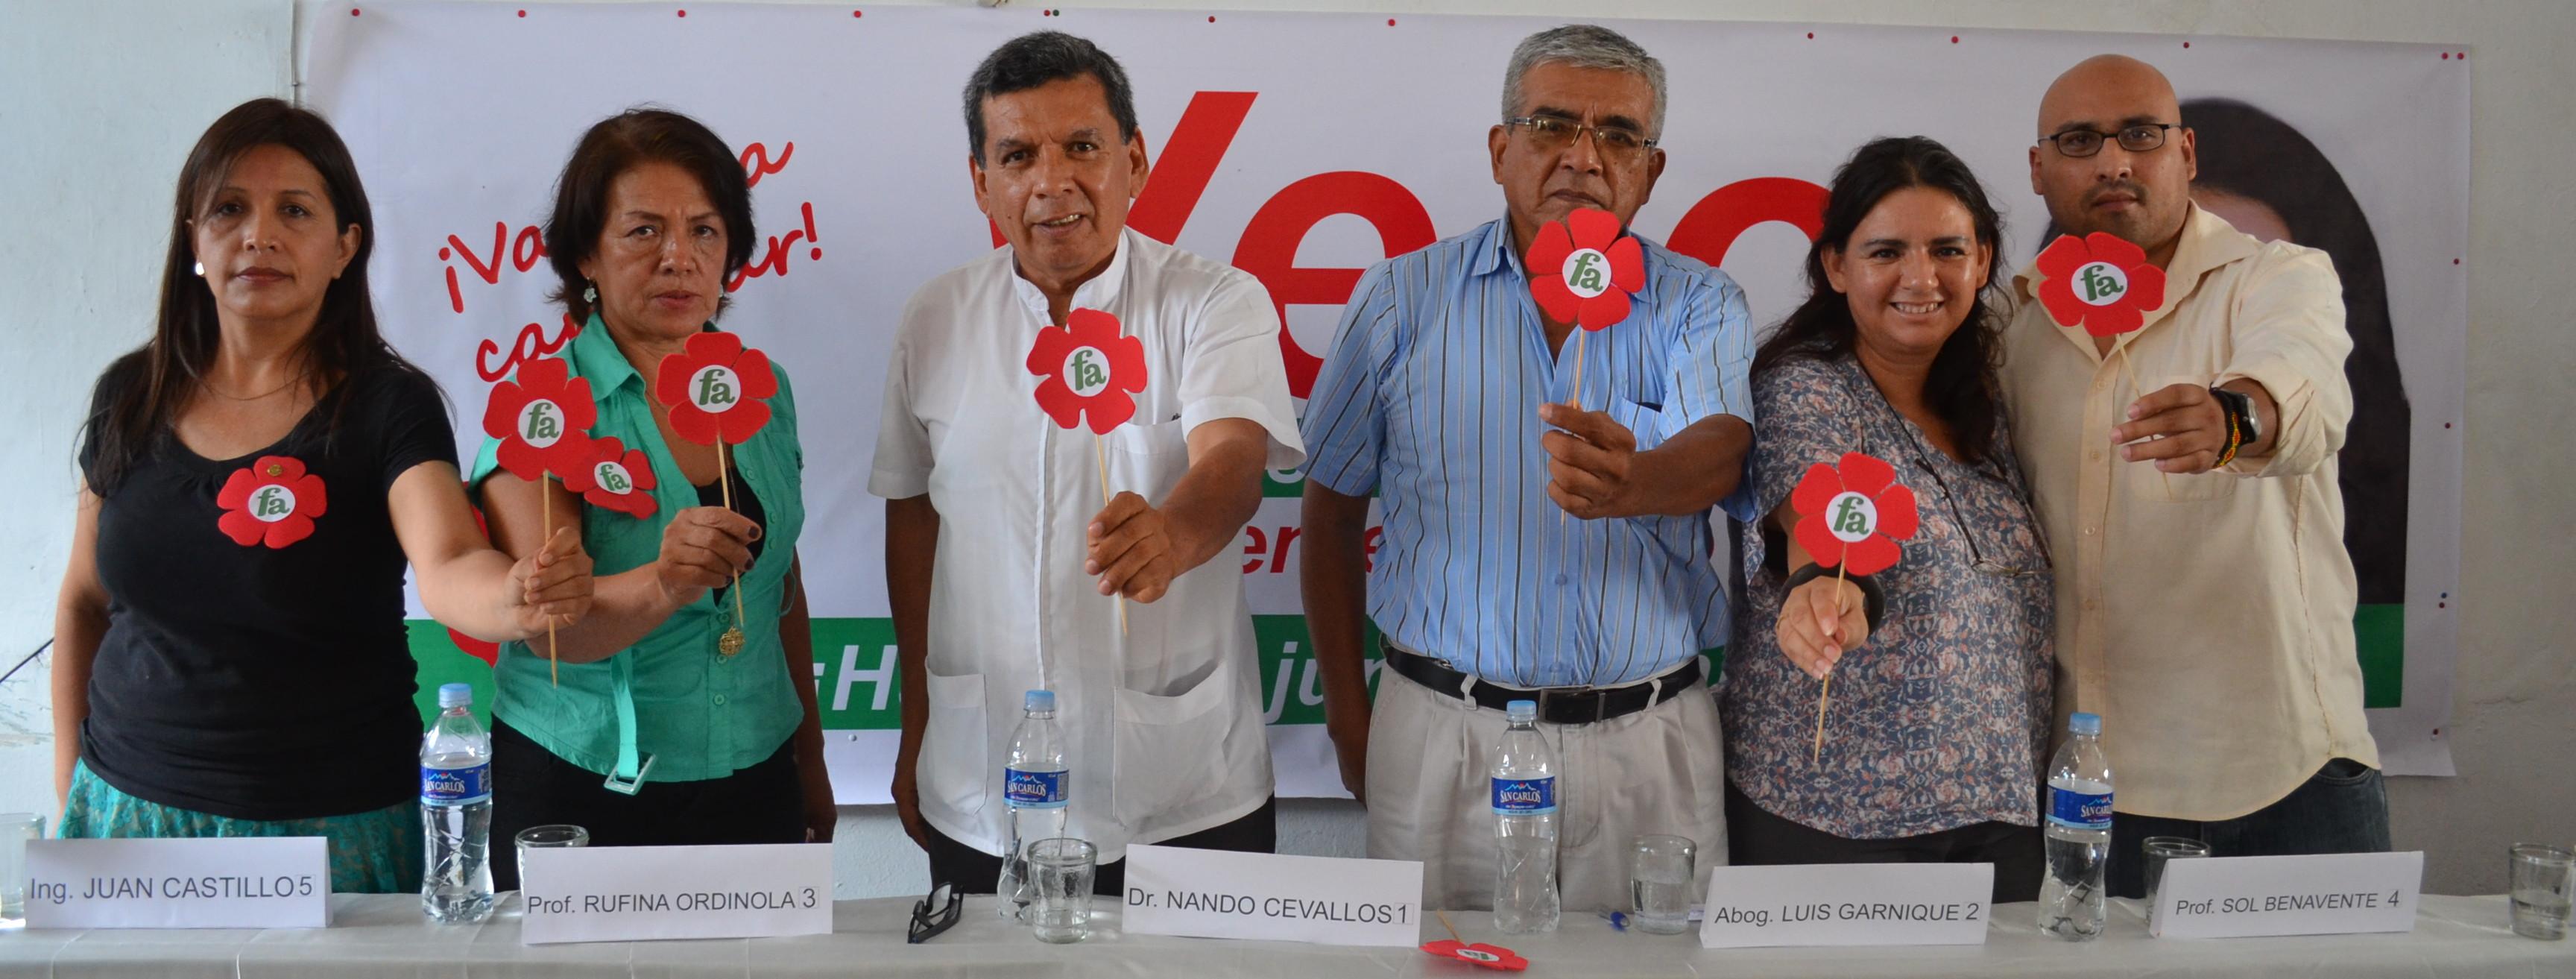 Frente Amplio: candidatos al congreso por Piura